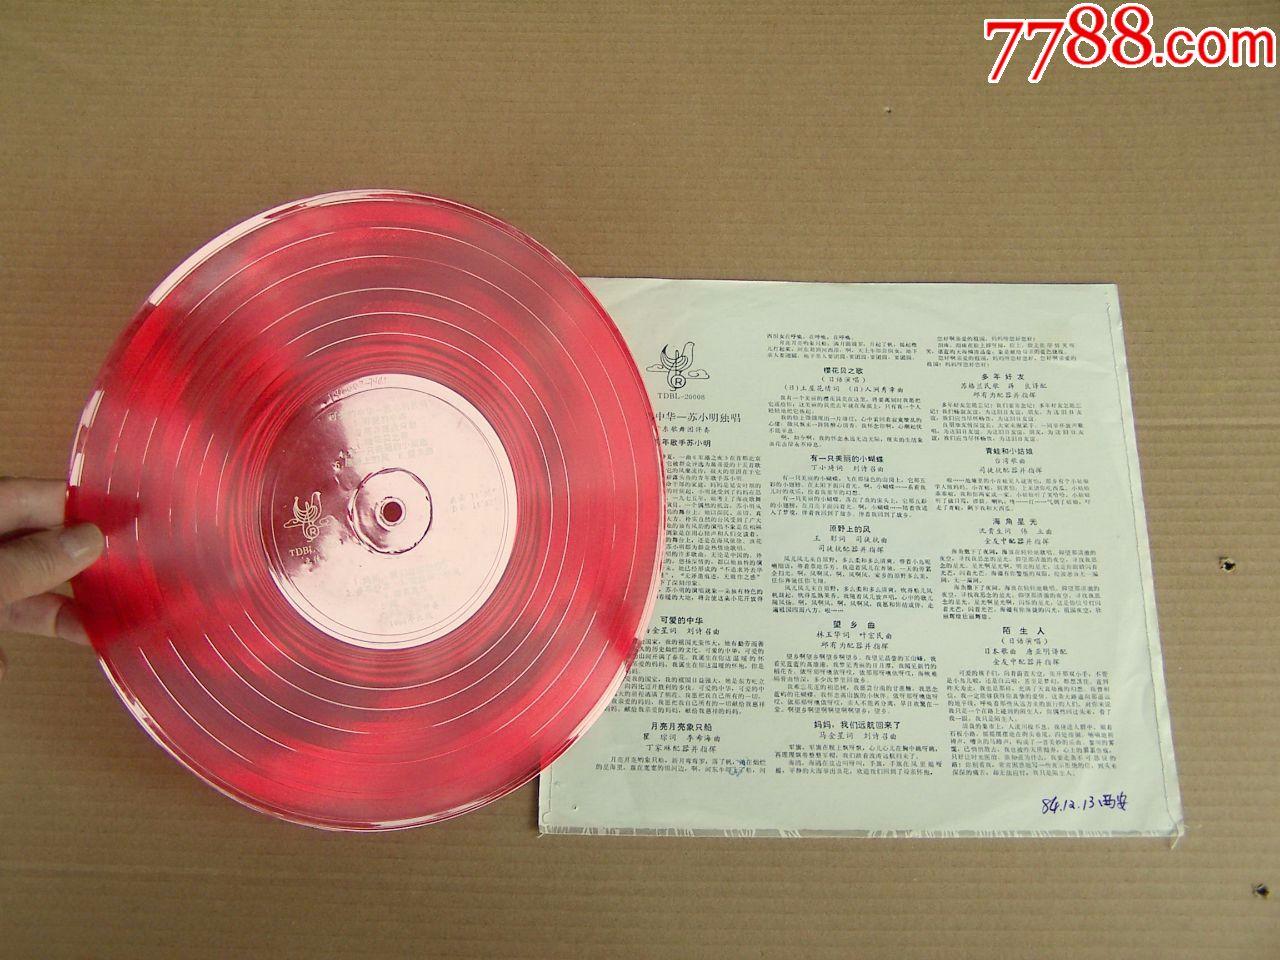 大薄膜-可爱的中华-苏小明独唱(84年,tdbl-20008,立体